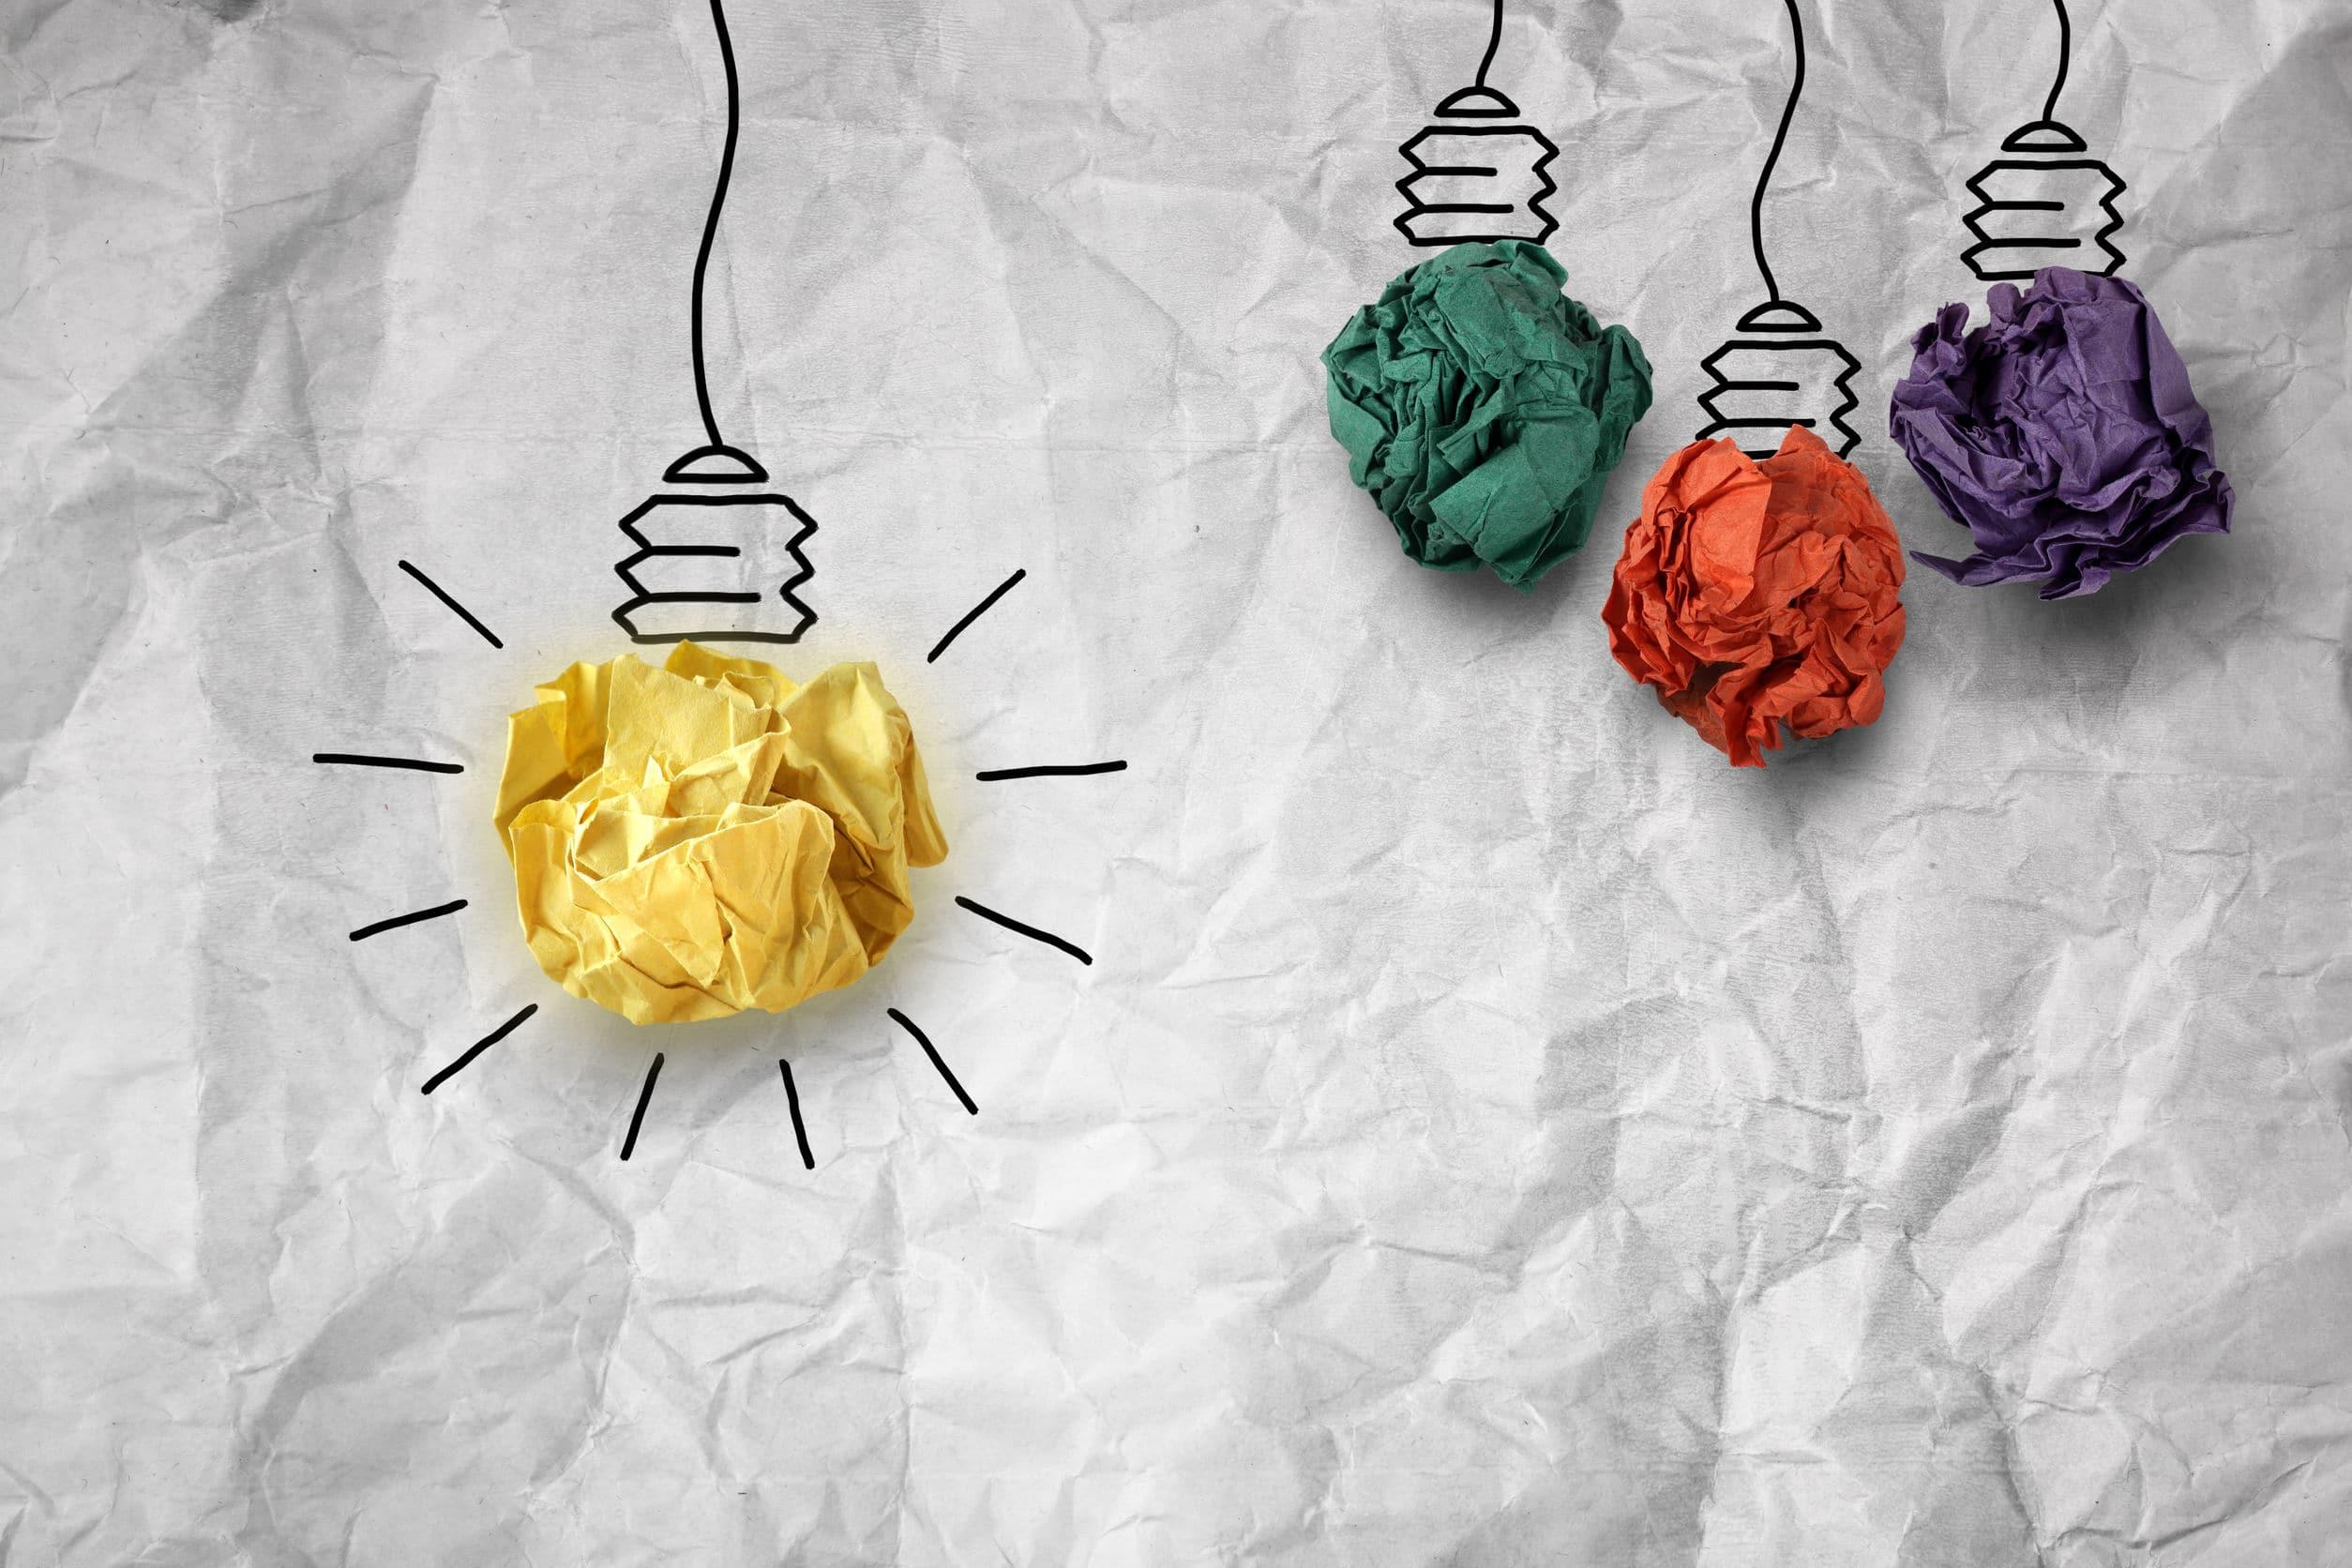 """Papéis amassados. Nas cores vermelho, roxo, verde e amarelo. Todas fazem o formato de uma lâmpada. Apenas a amarela está """"acessa""""."""